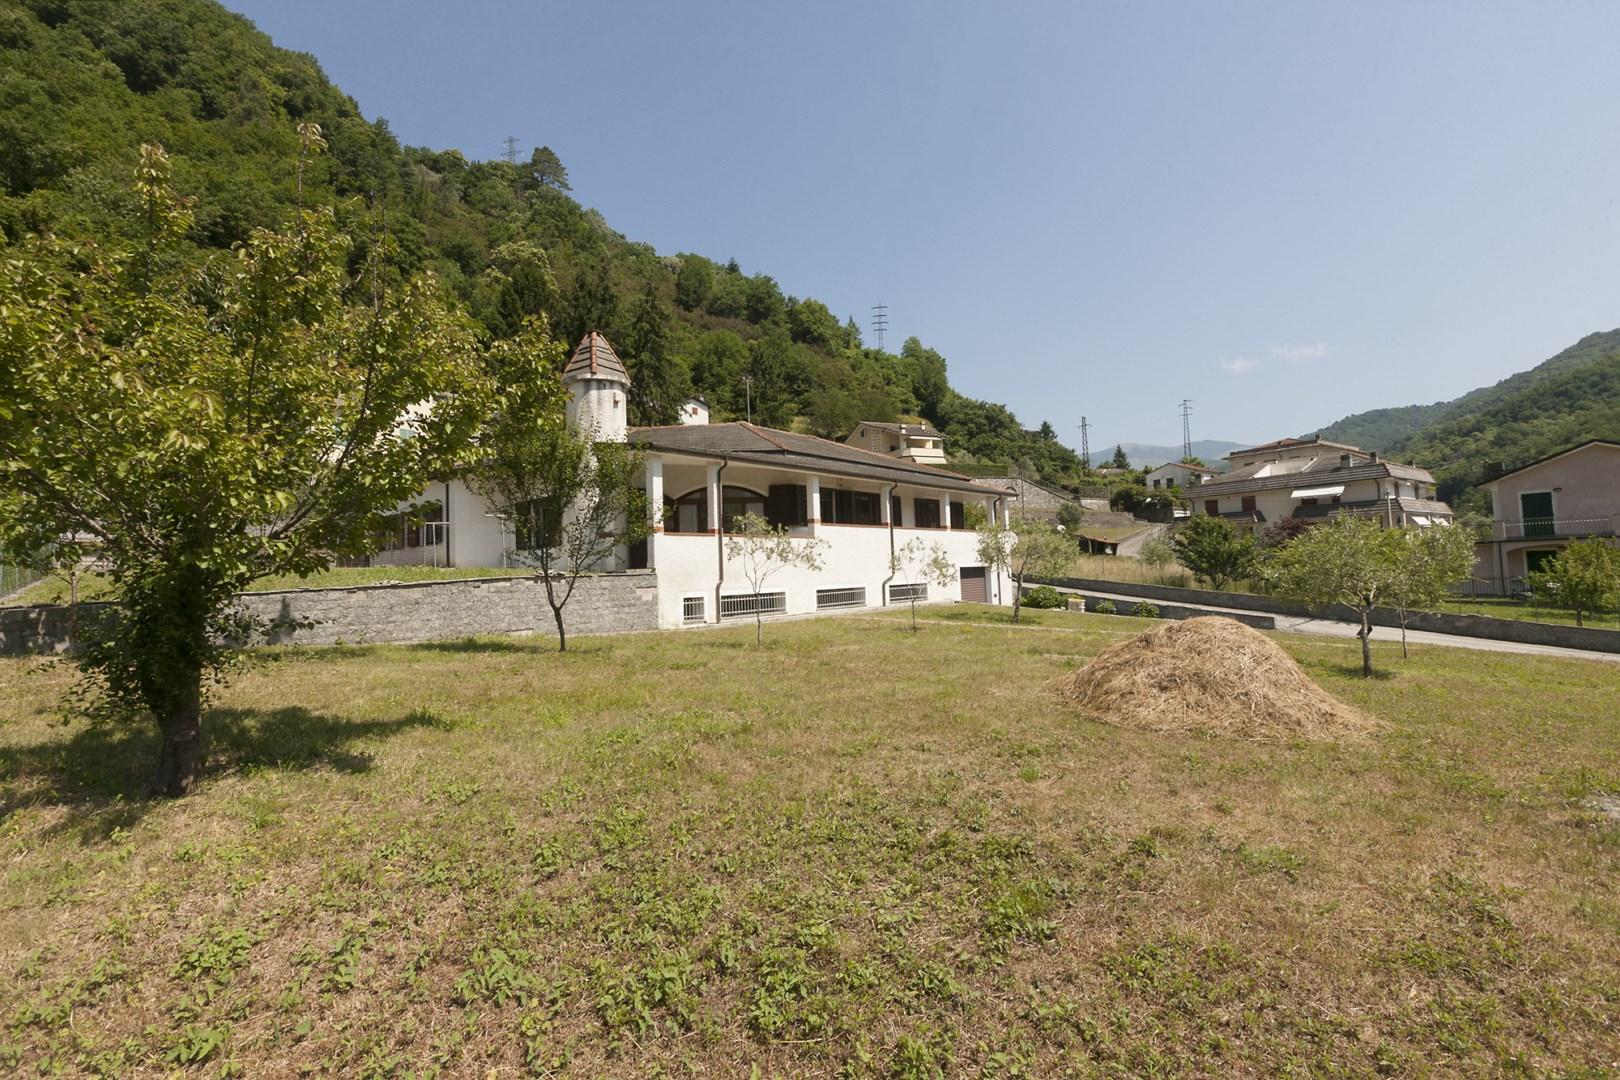 Villa in vendita a Mezzanego, 14 locali, zona Località: BorgonovoLigure, prezzo € 399.000 | CambioCasa.it